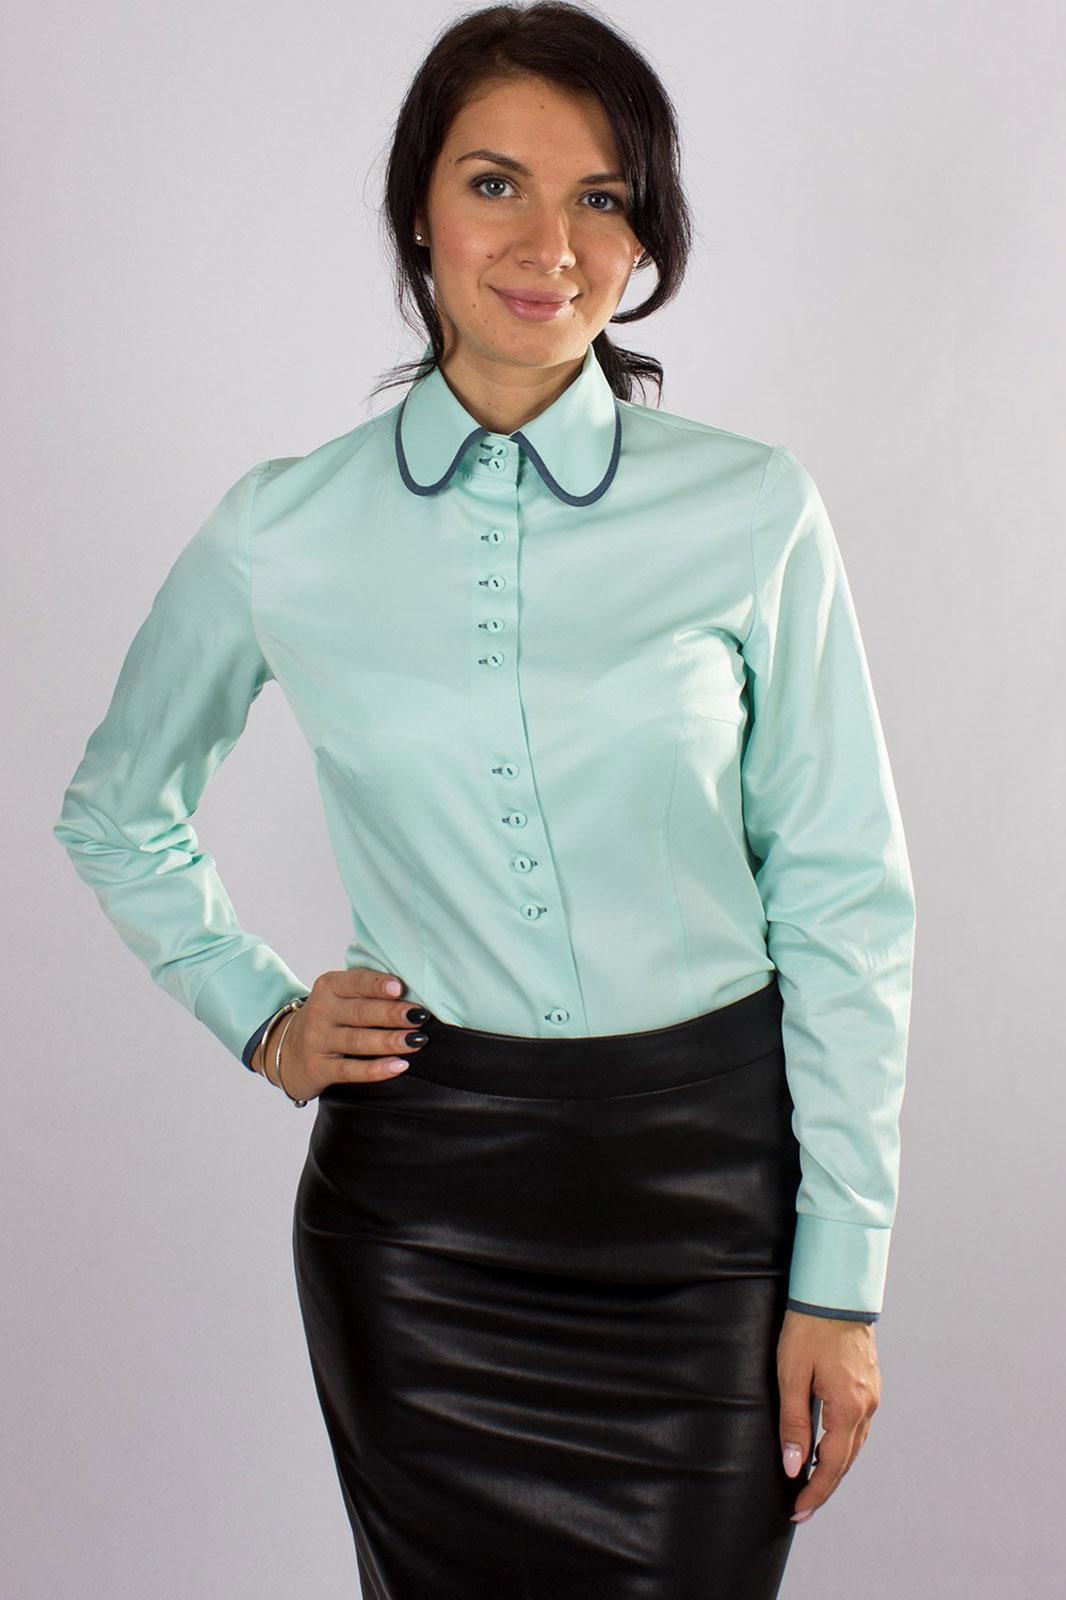 Купить Блузка Nadex, 335022 бирюзовый 170, Беларусь